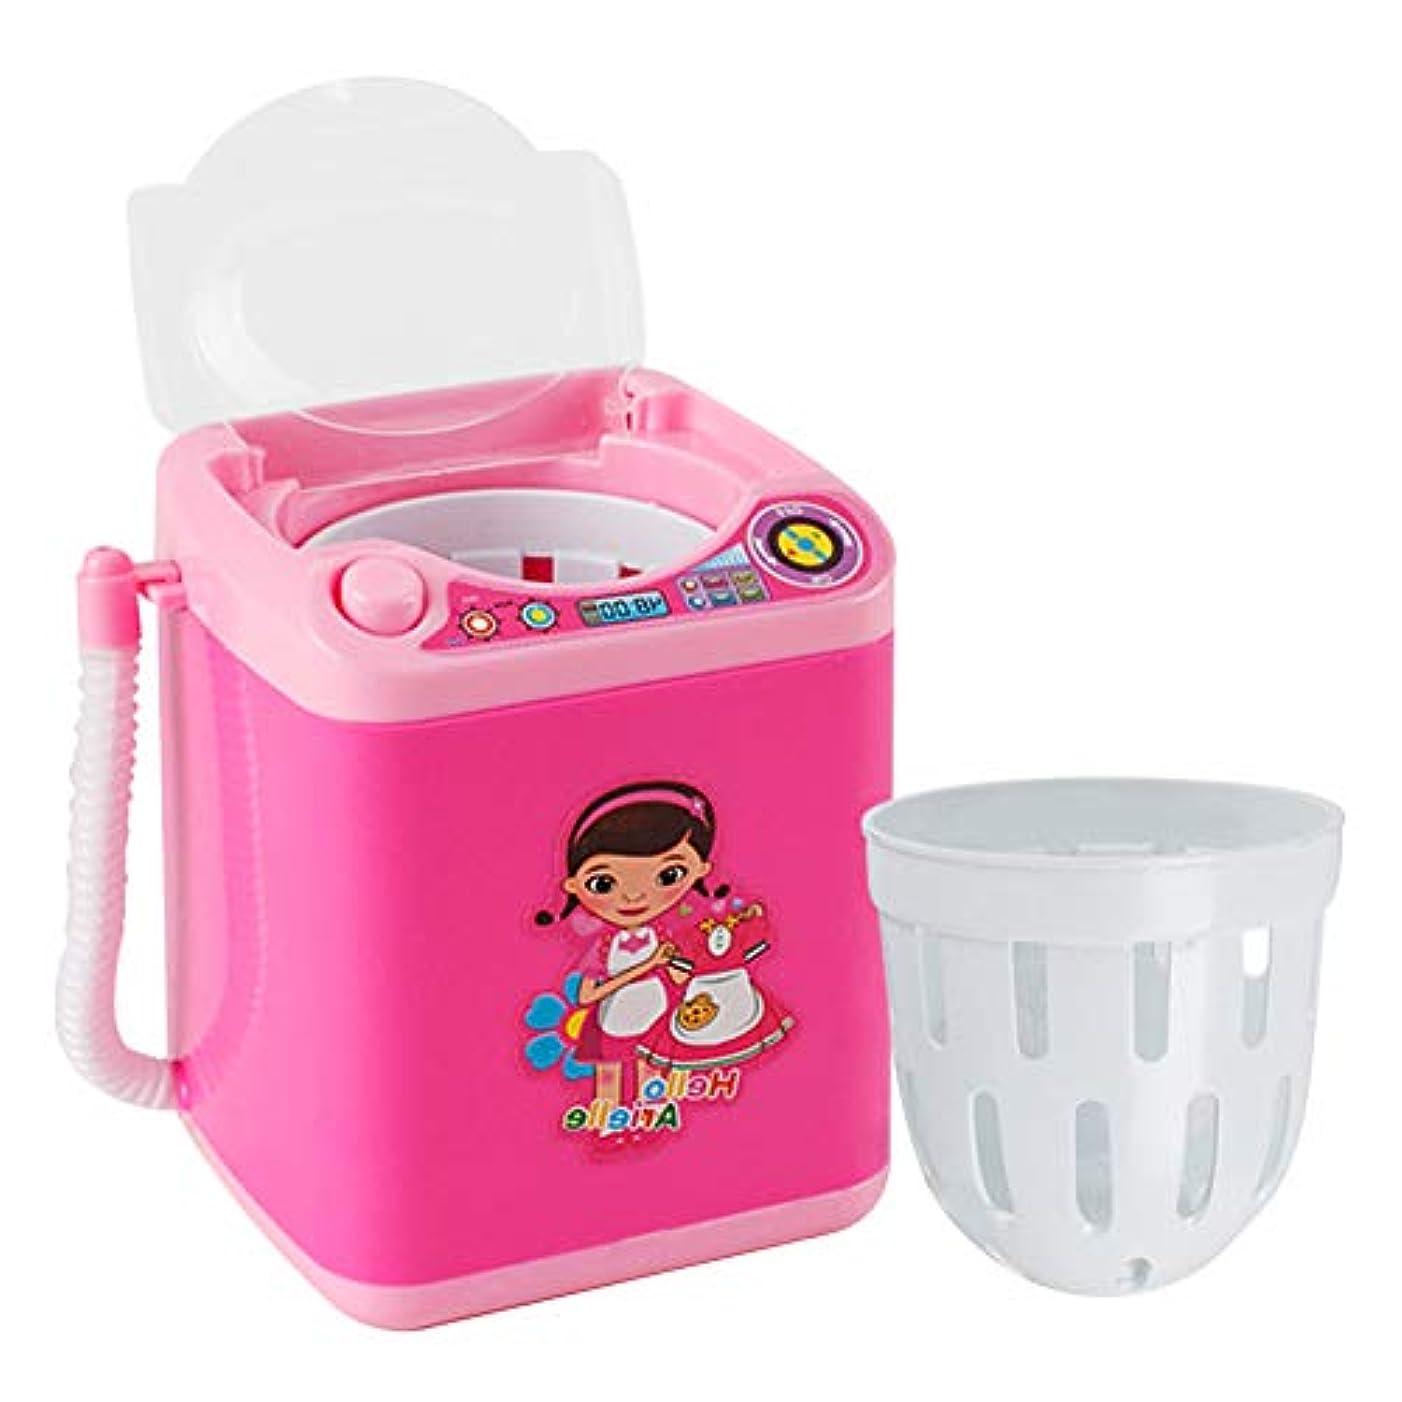 アコード結婚する収容するメイクアップブラシクリーナー、ミニ自動メイクアップブラシクリーニング装置、メイクアップブラシを清潔に保ち、自動かつ迅速なクリーニング(ピンク)